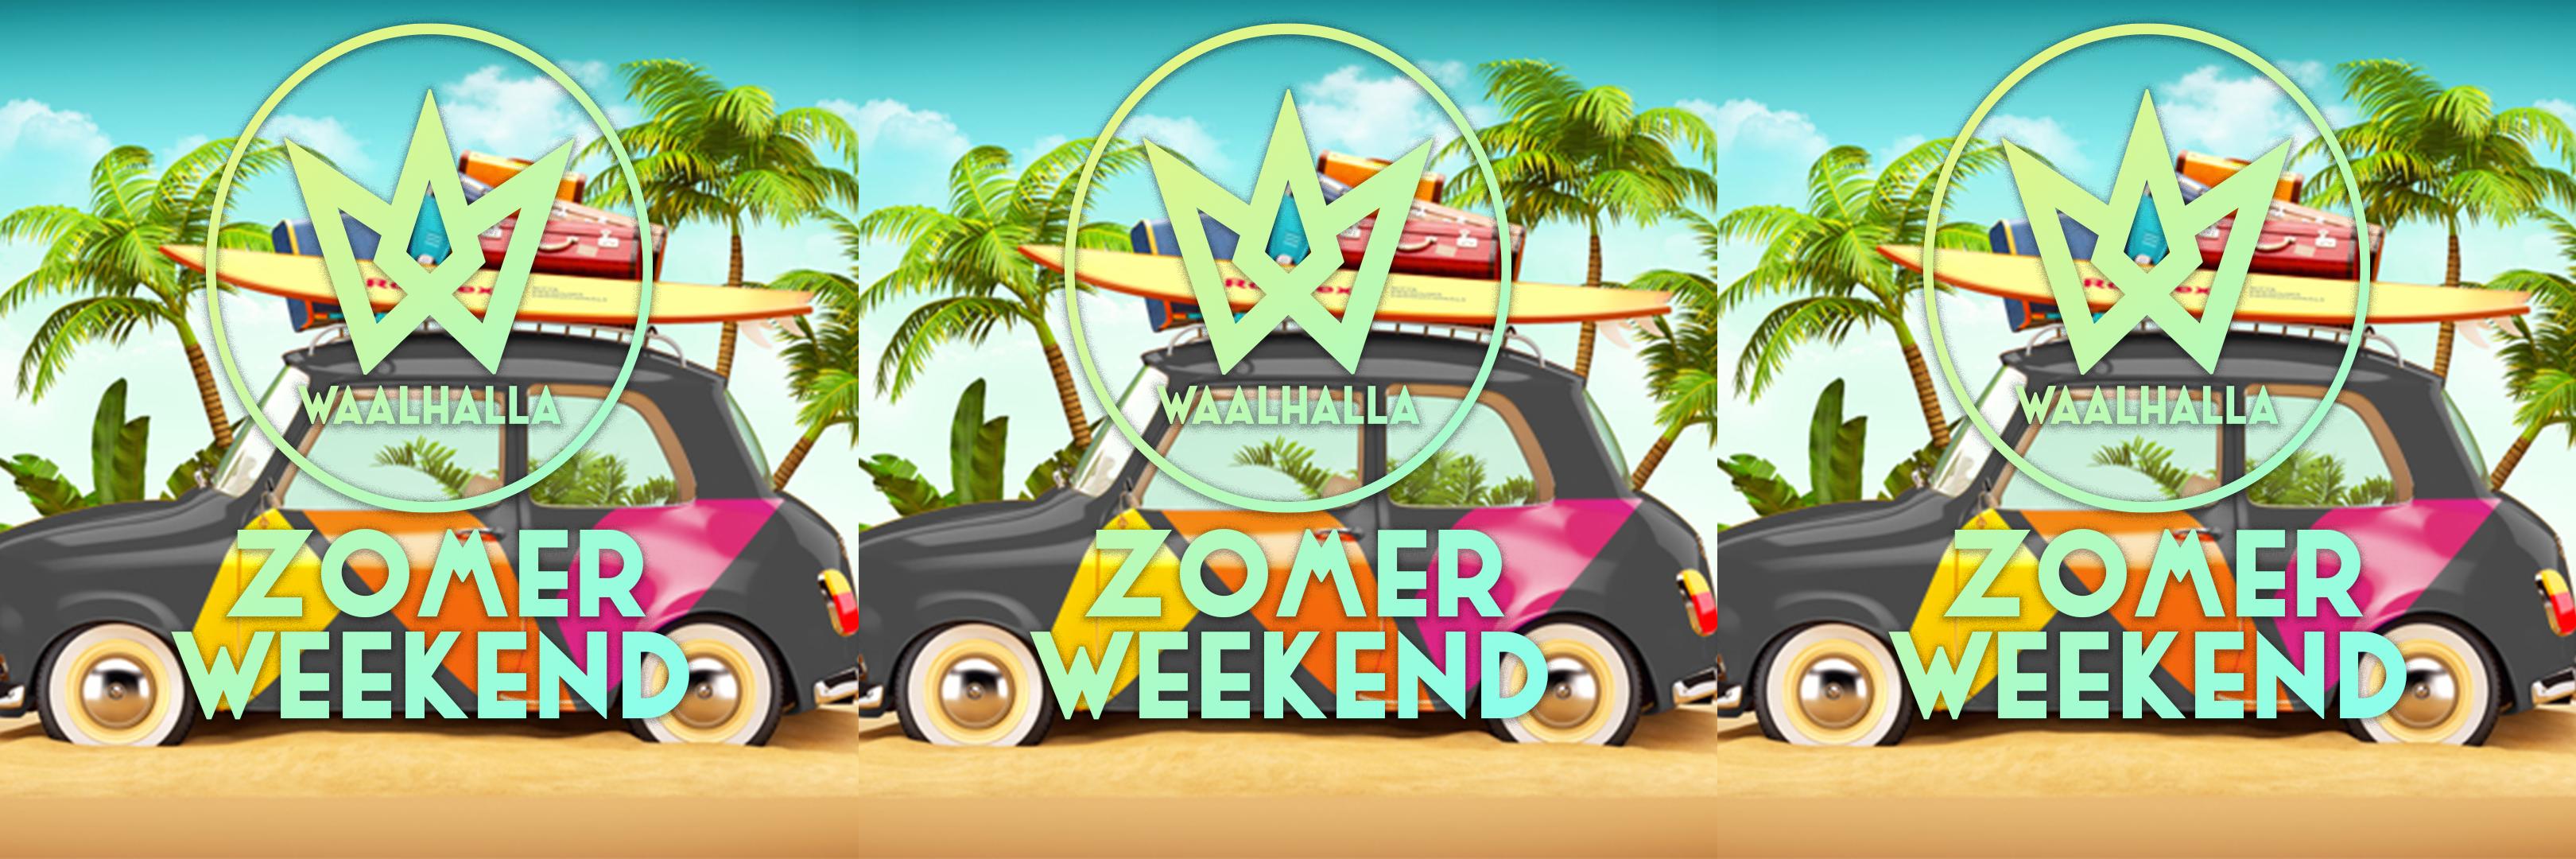 Waalhalla Zomer Weekend